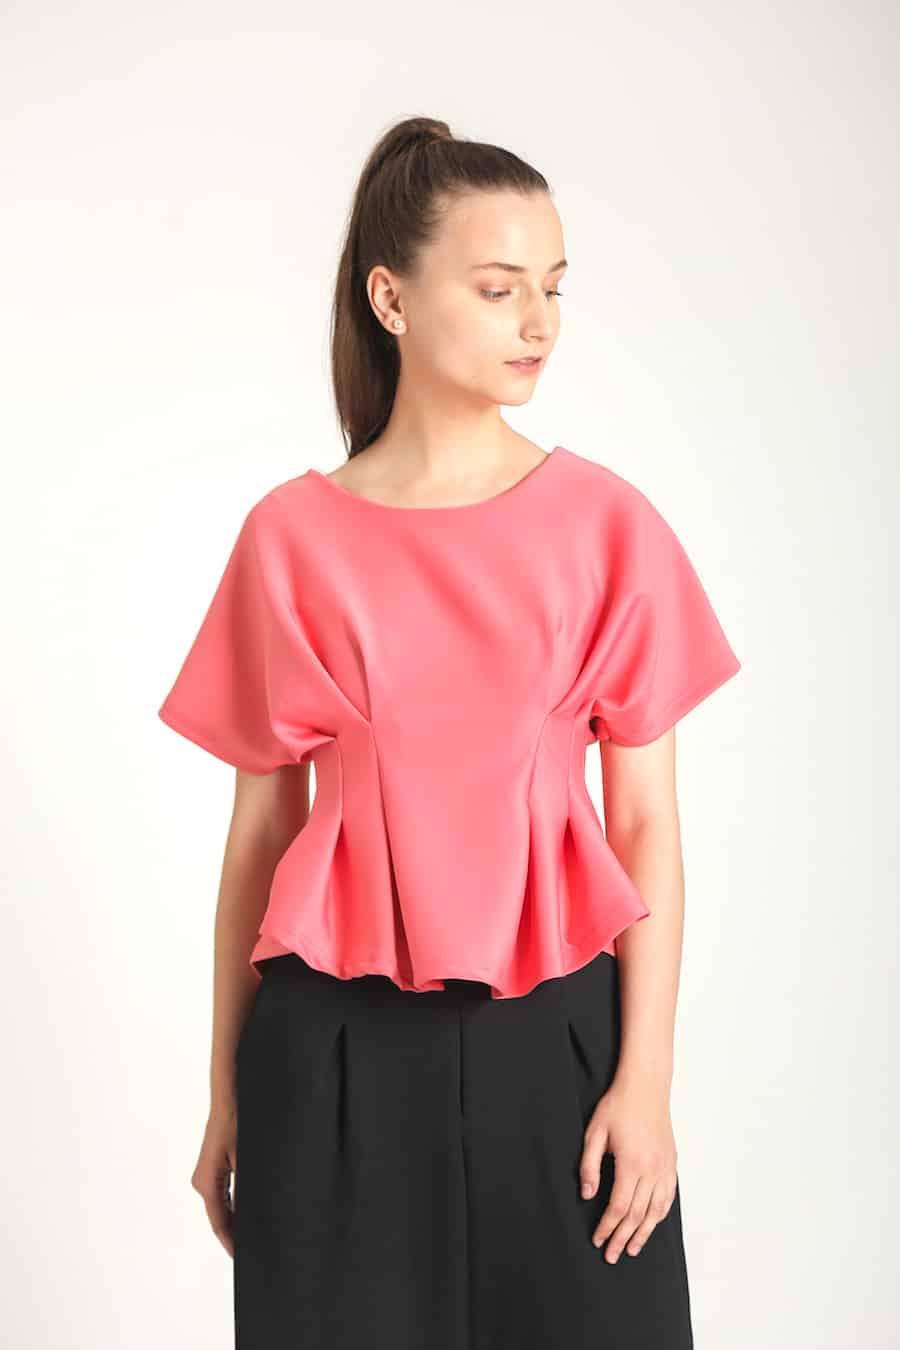 wulf i java top merah muda 3931803 1 36109 - Bosan Baju Lebaran Warna Putih? Coba 11 Blouse Berwarna Pastel di Bawah 250 Ribu Ini!